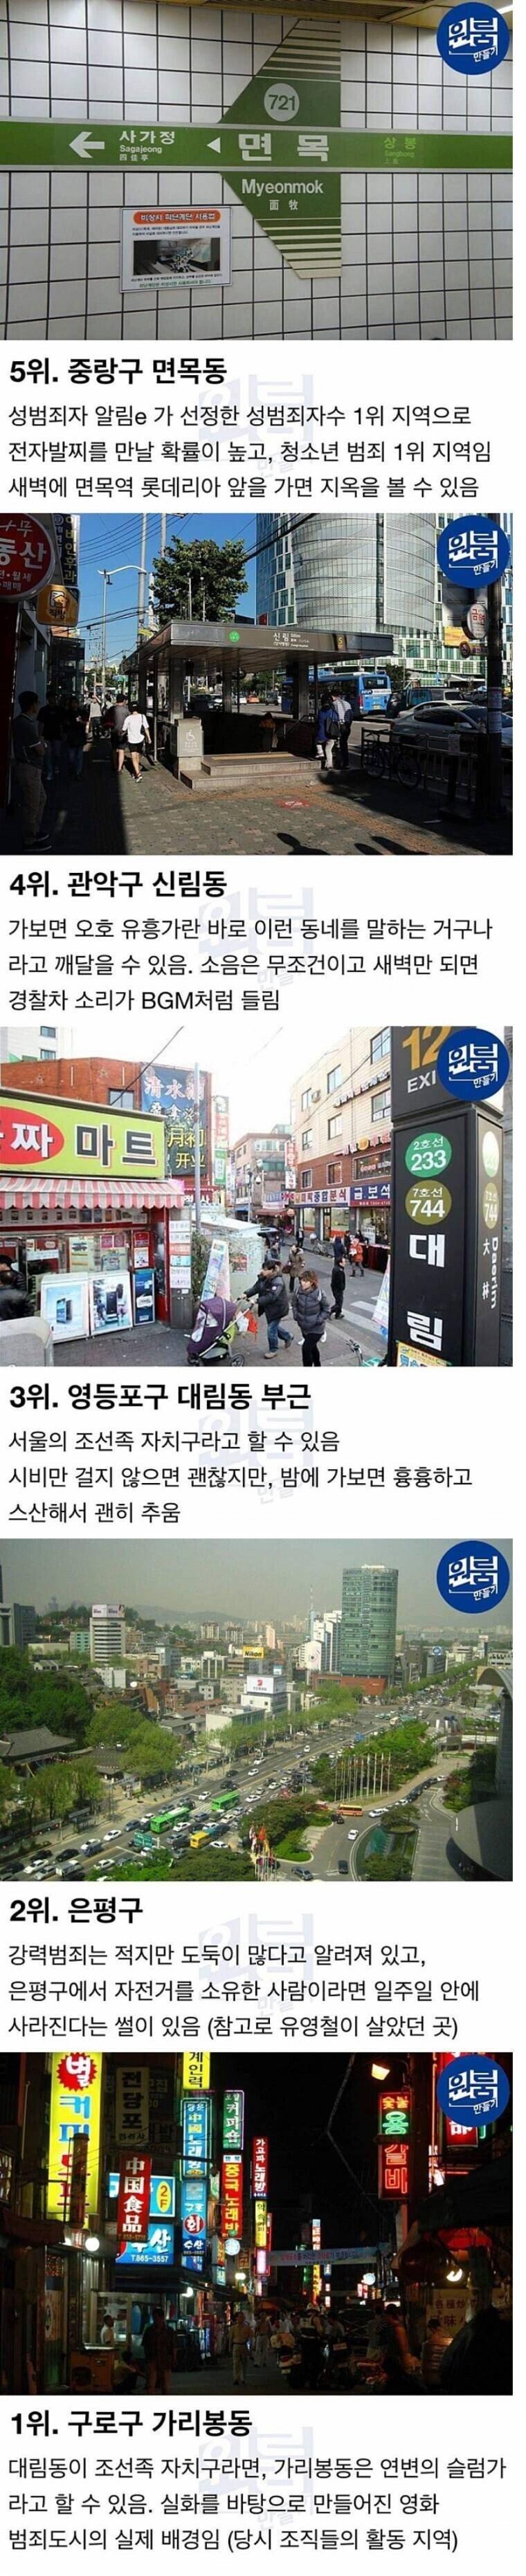 방굴할때.jpg 서울에서 방 고를 때 조심해야 되는 지역